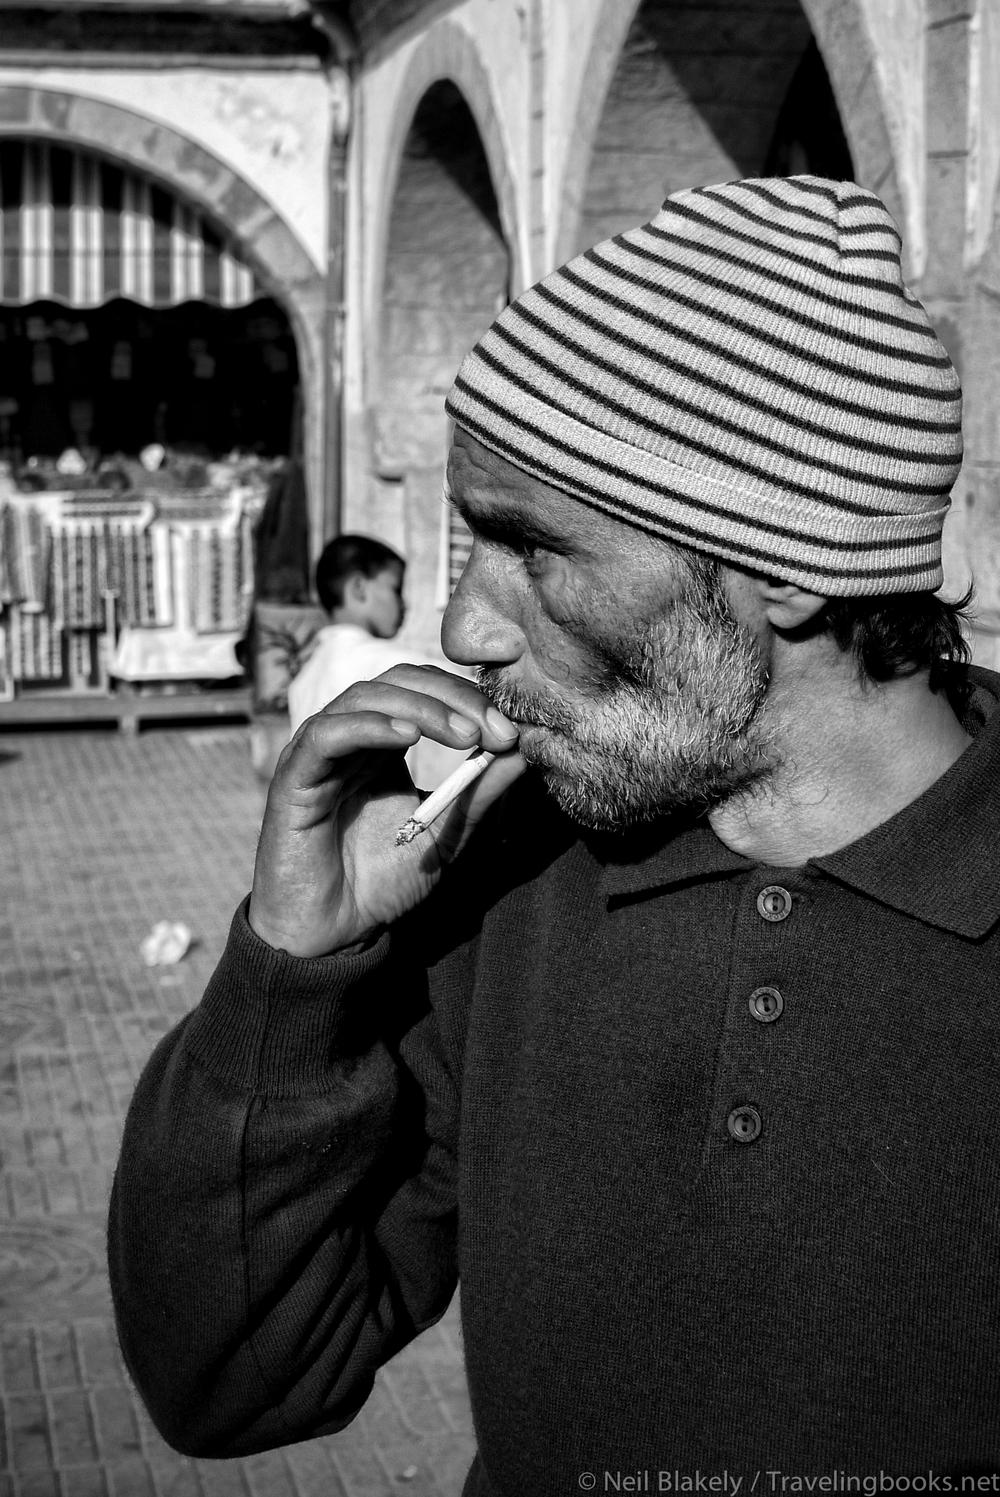 A street vendor inEssaouira, Morocco.